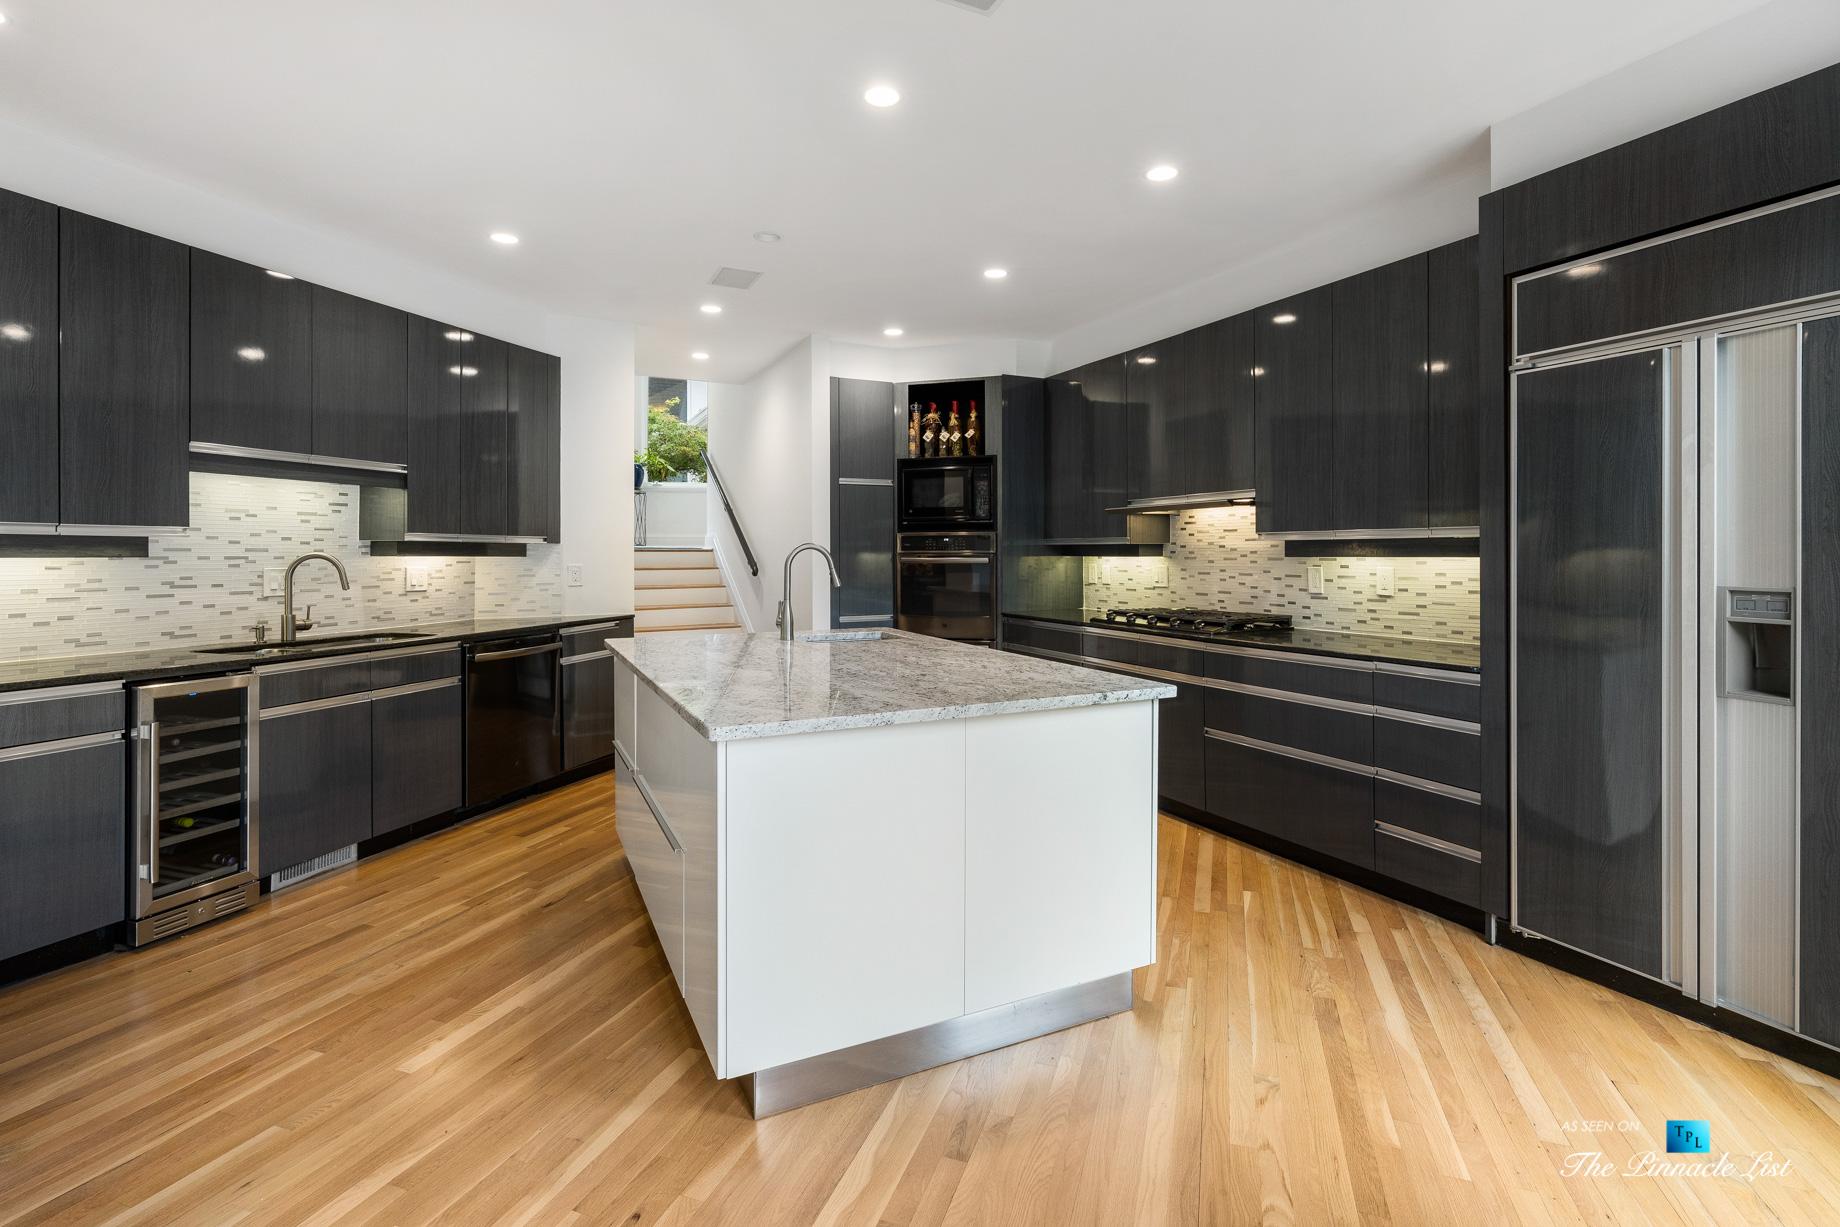 3906 Paces Ferry Rd NW, Atlanta, GA, USA – Kitchen – Luxury Real Estate – Buckhead Home